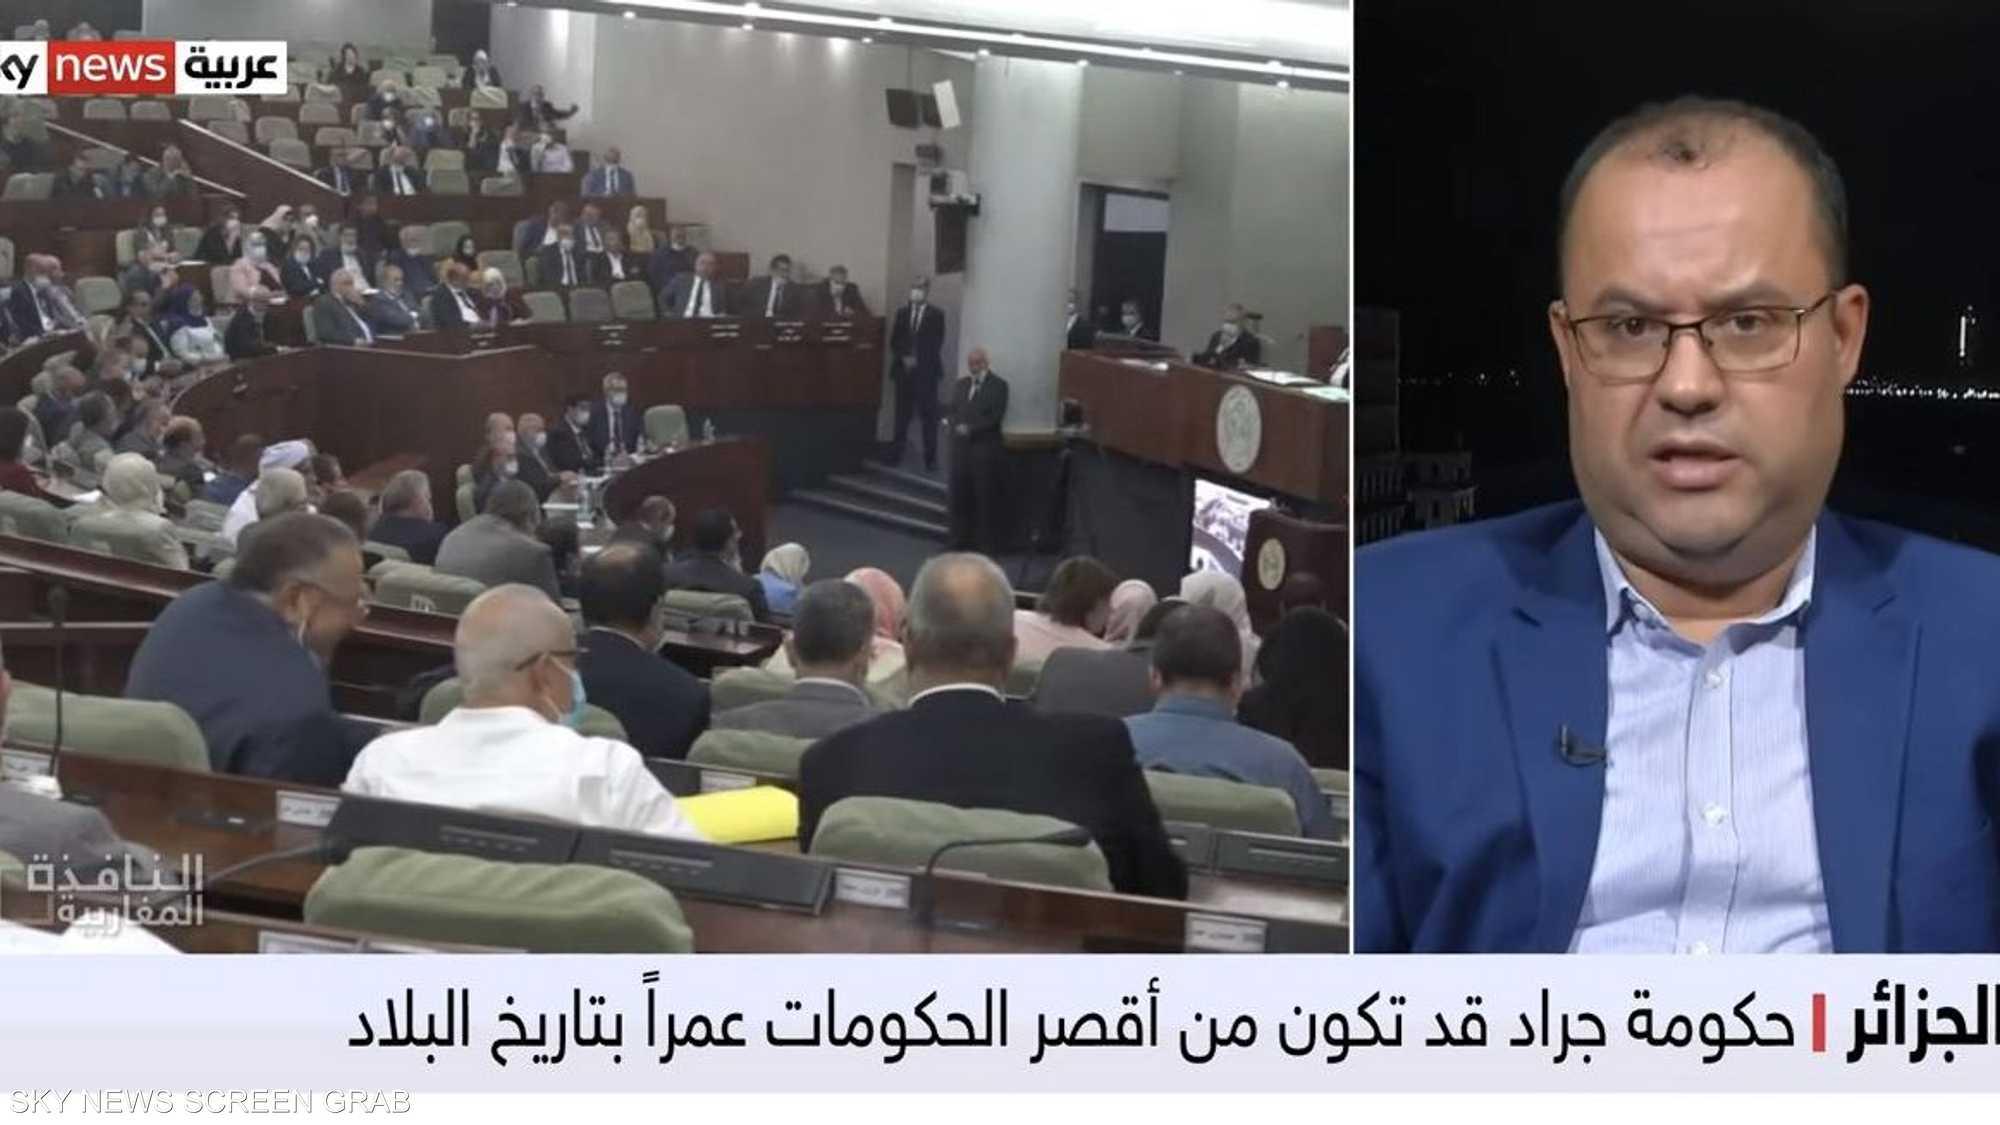 الجزائر.. تغيير في طريقة تعيين مسؤولي السلطة التنفيذية